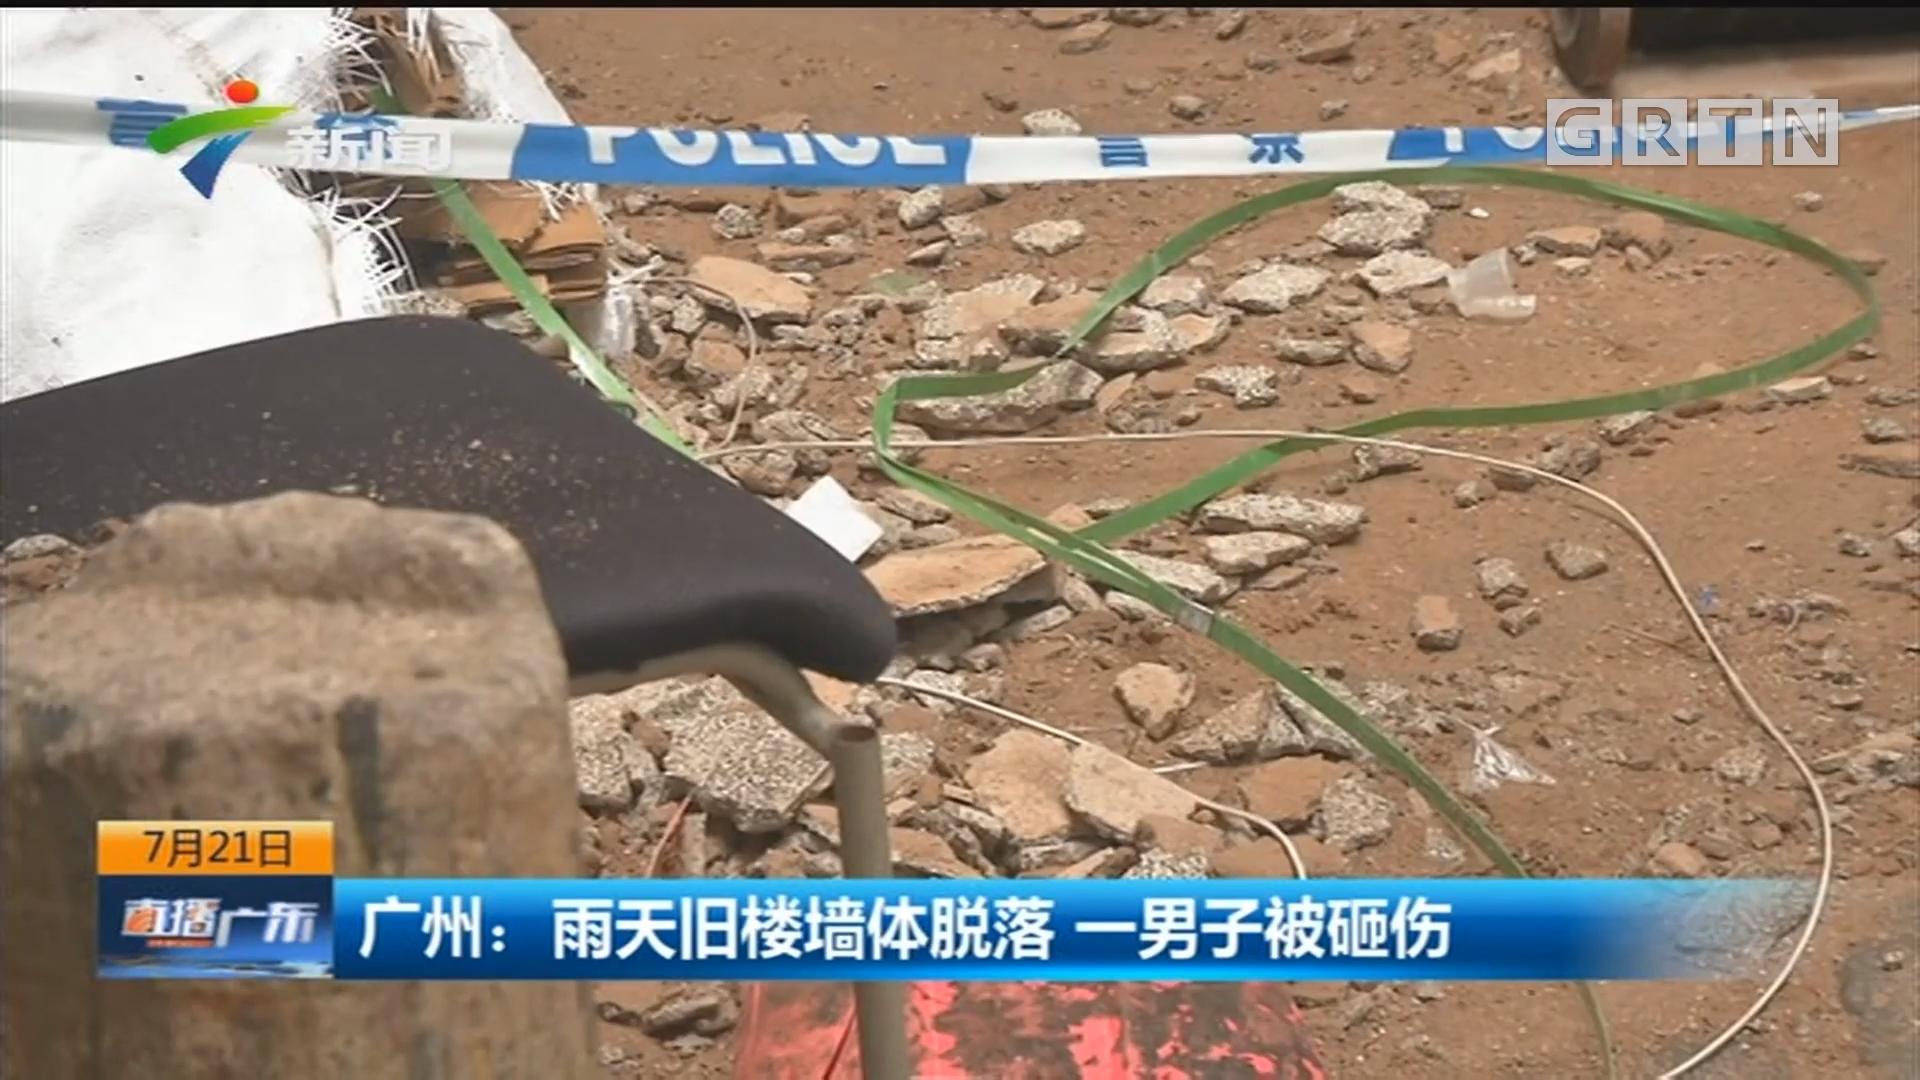 广州:雨天旧楼墙体脱落 一男子被砸伤